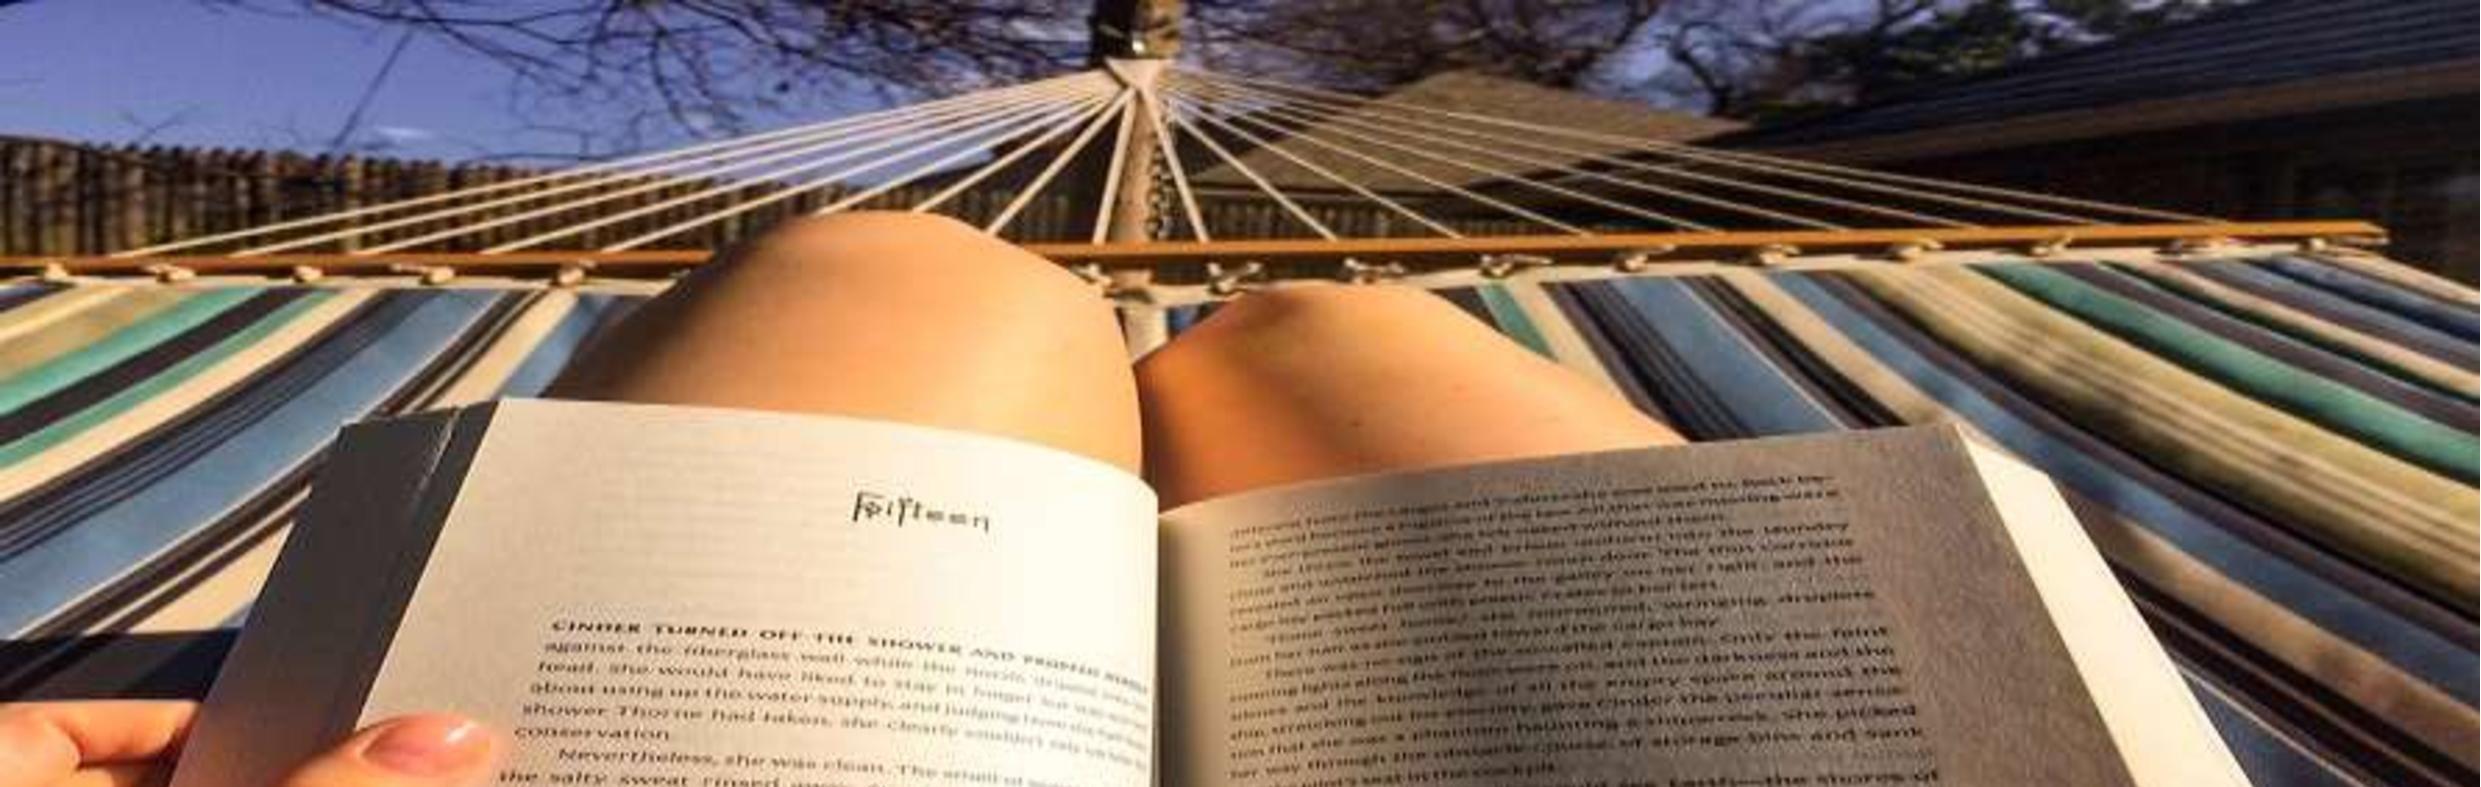 Sommerlesaktion 2020 der Bibliothek